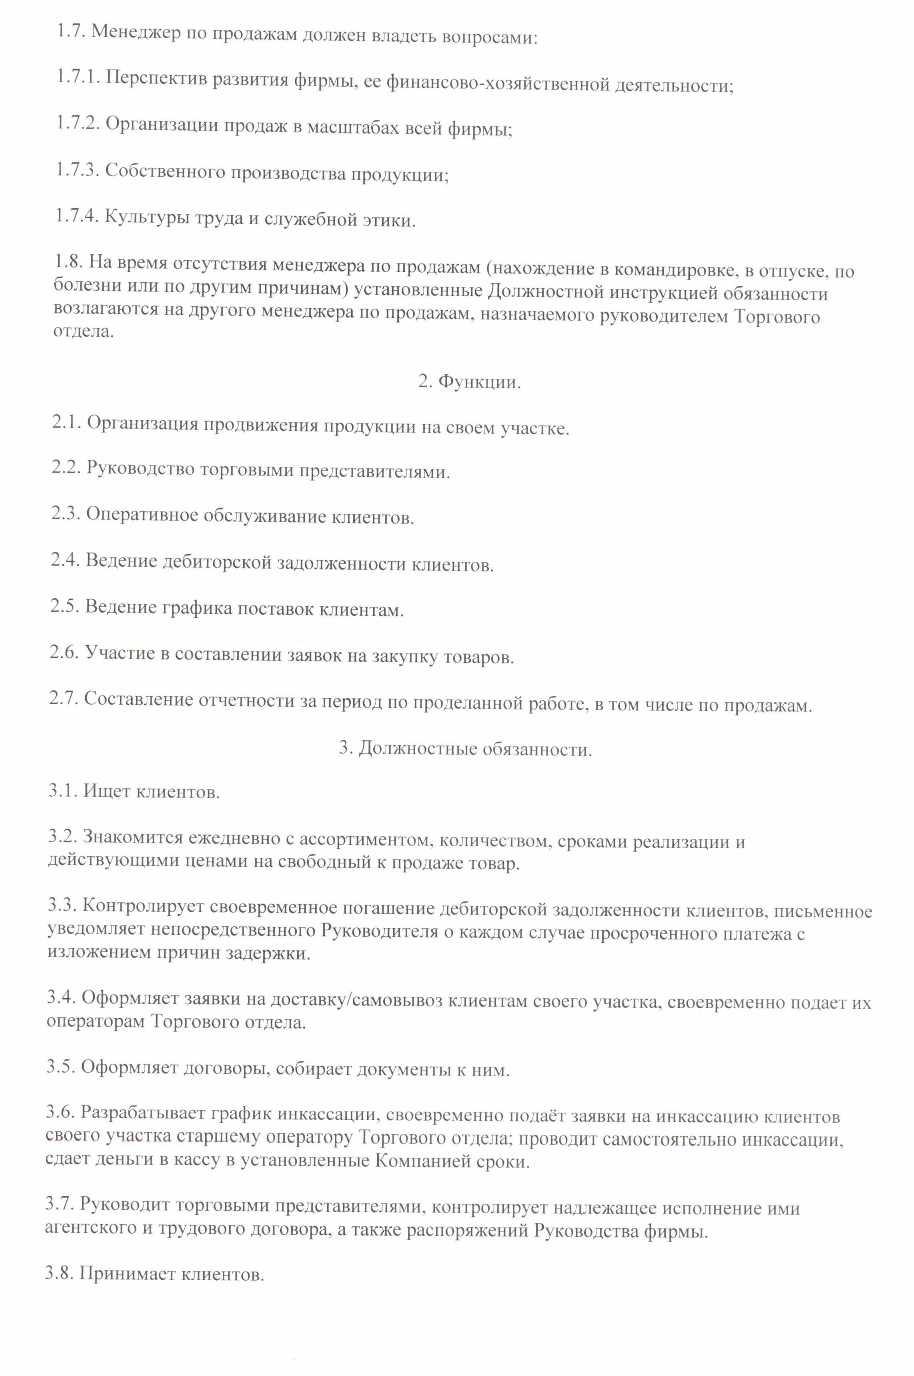 Должностная инструкция руководителя отдела по работе с клиентами